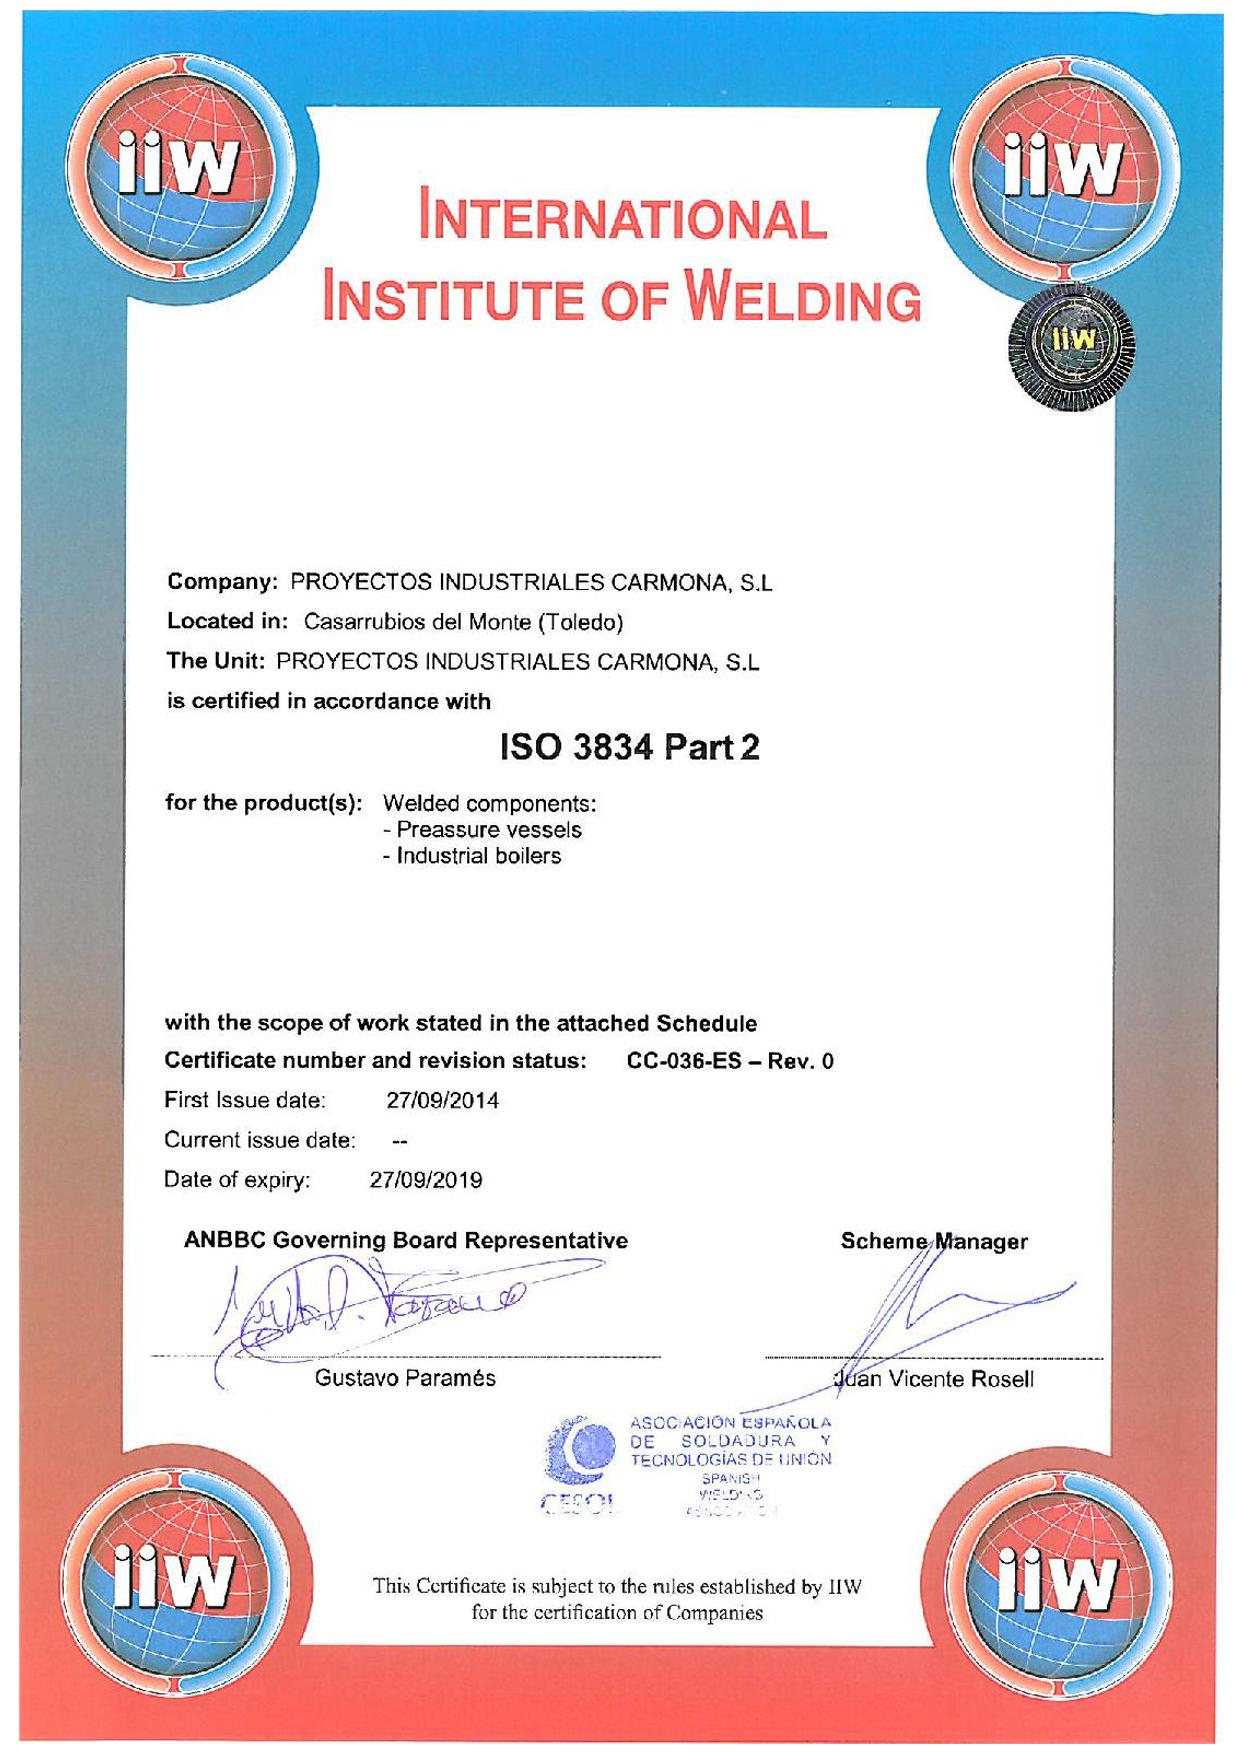 certificado iiw